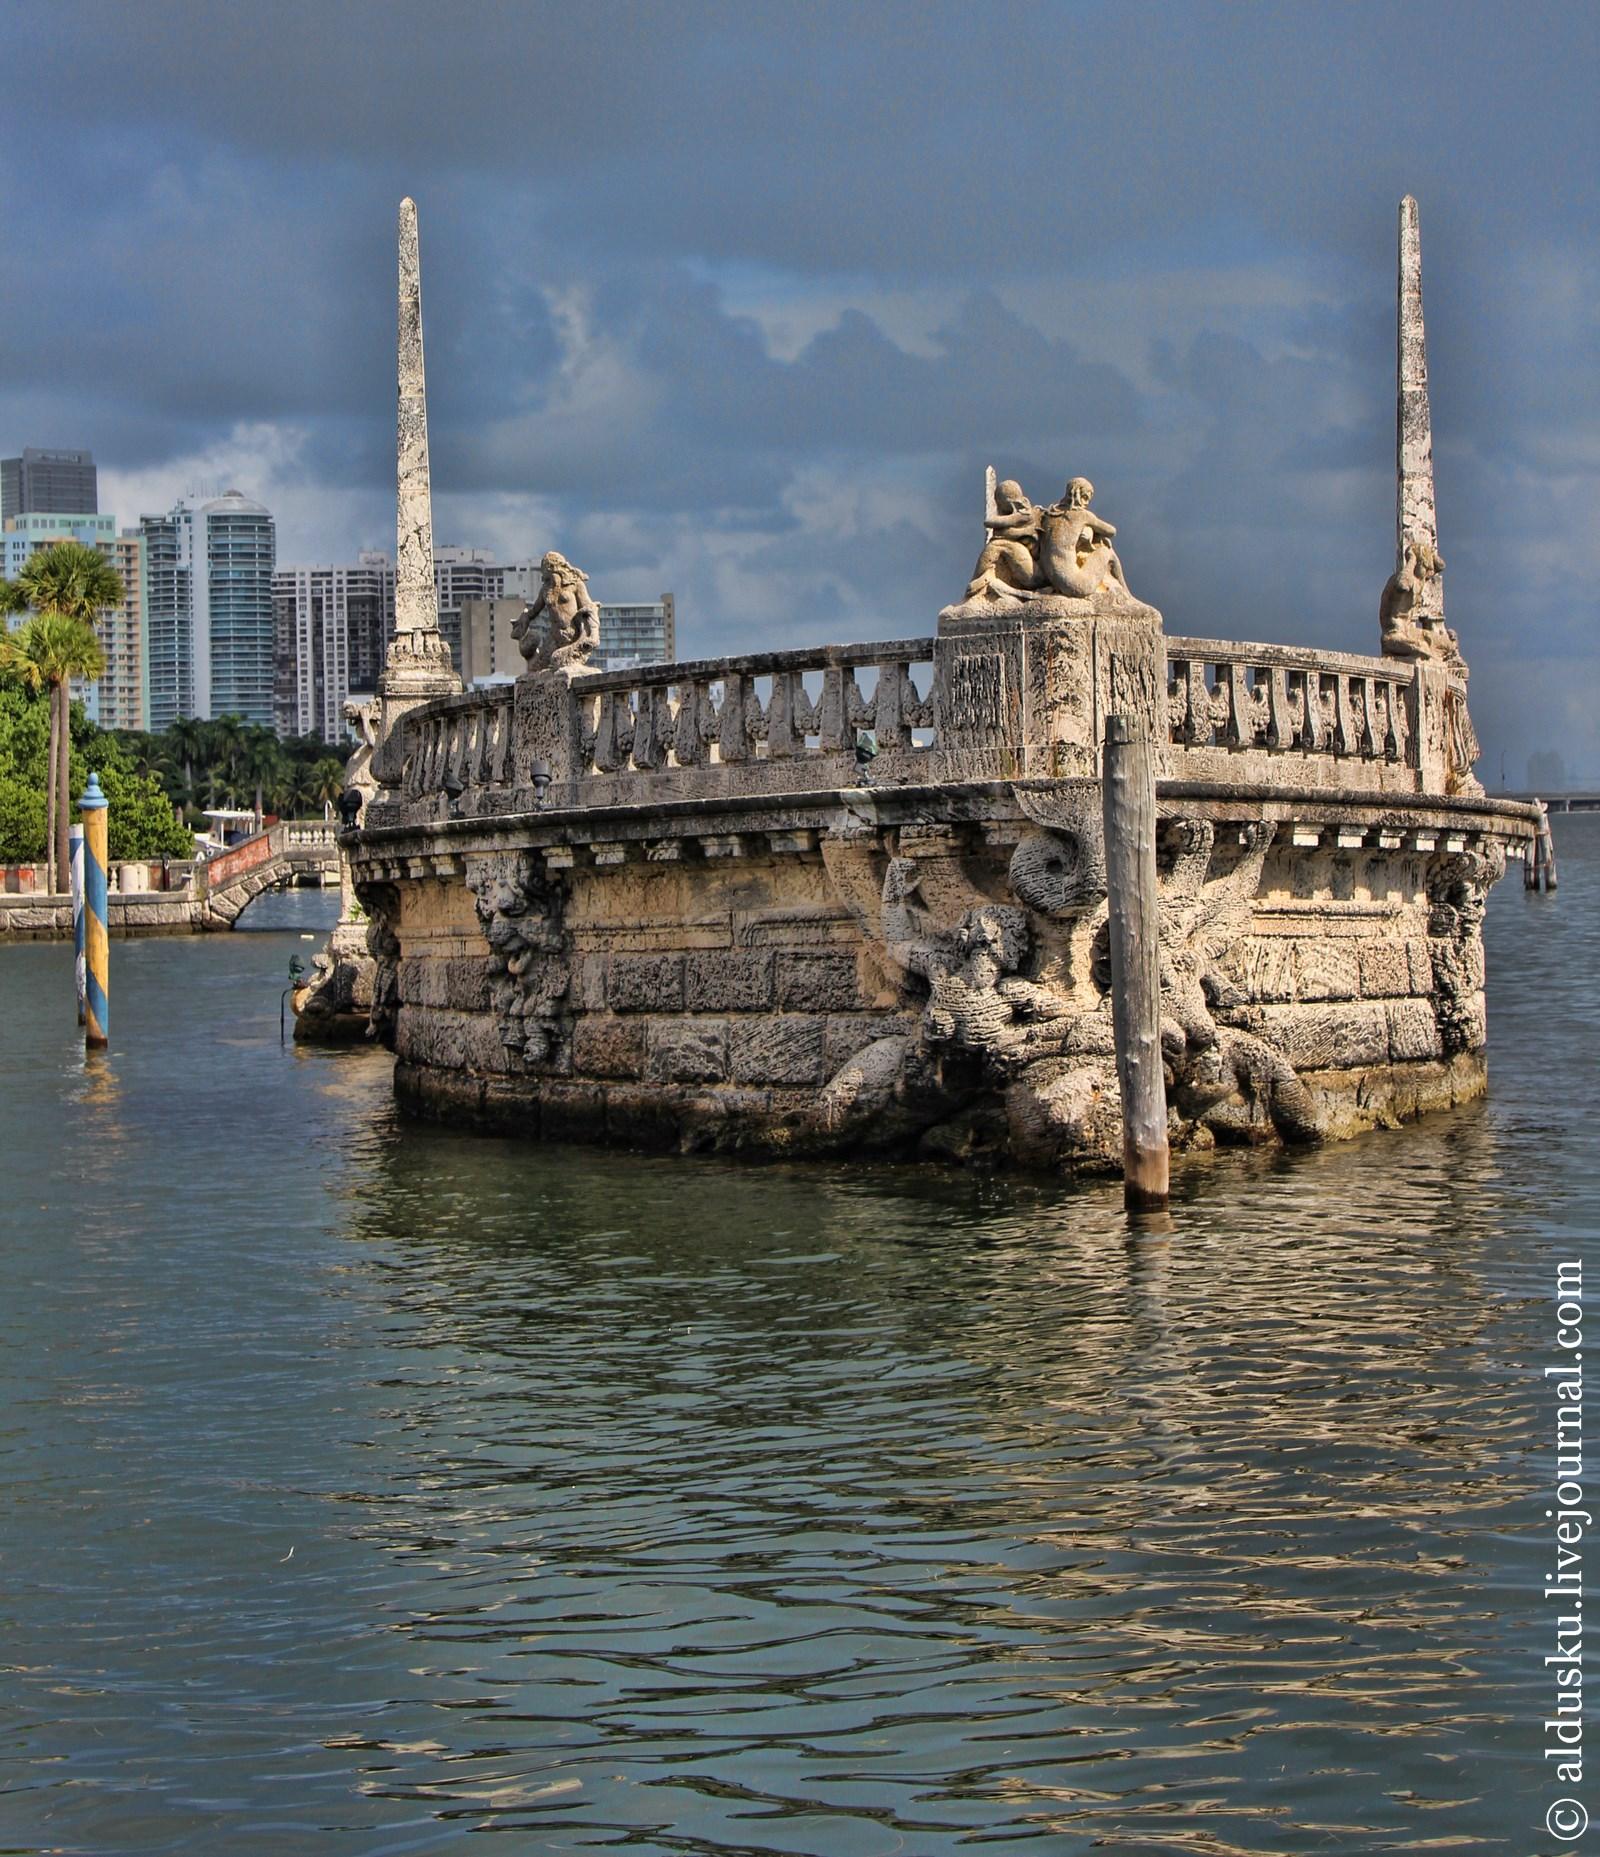 Вид из беседки на залив Бискейн Атлантического океана. Вилла Вискайя (Villa Vizcaya) Майами. aldusku.livejournal.com